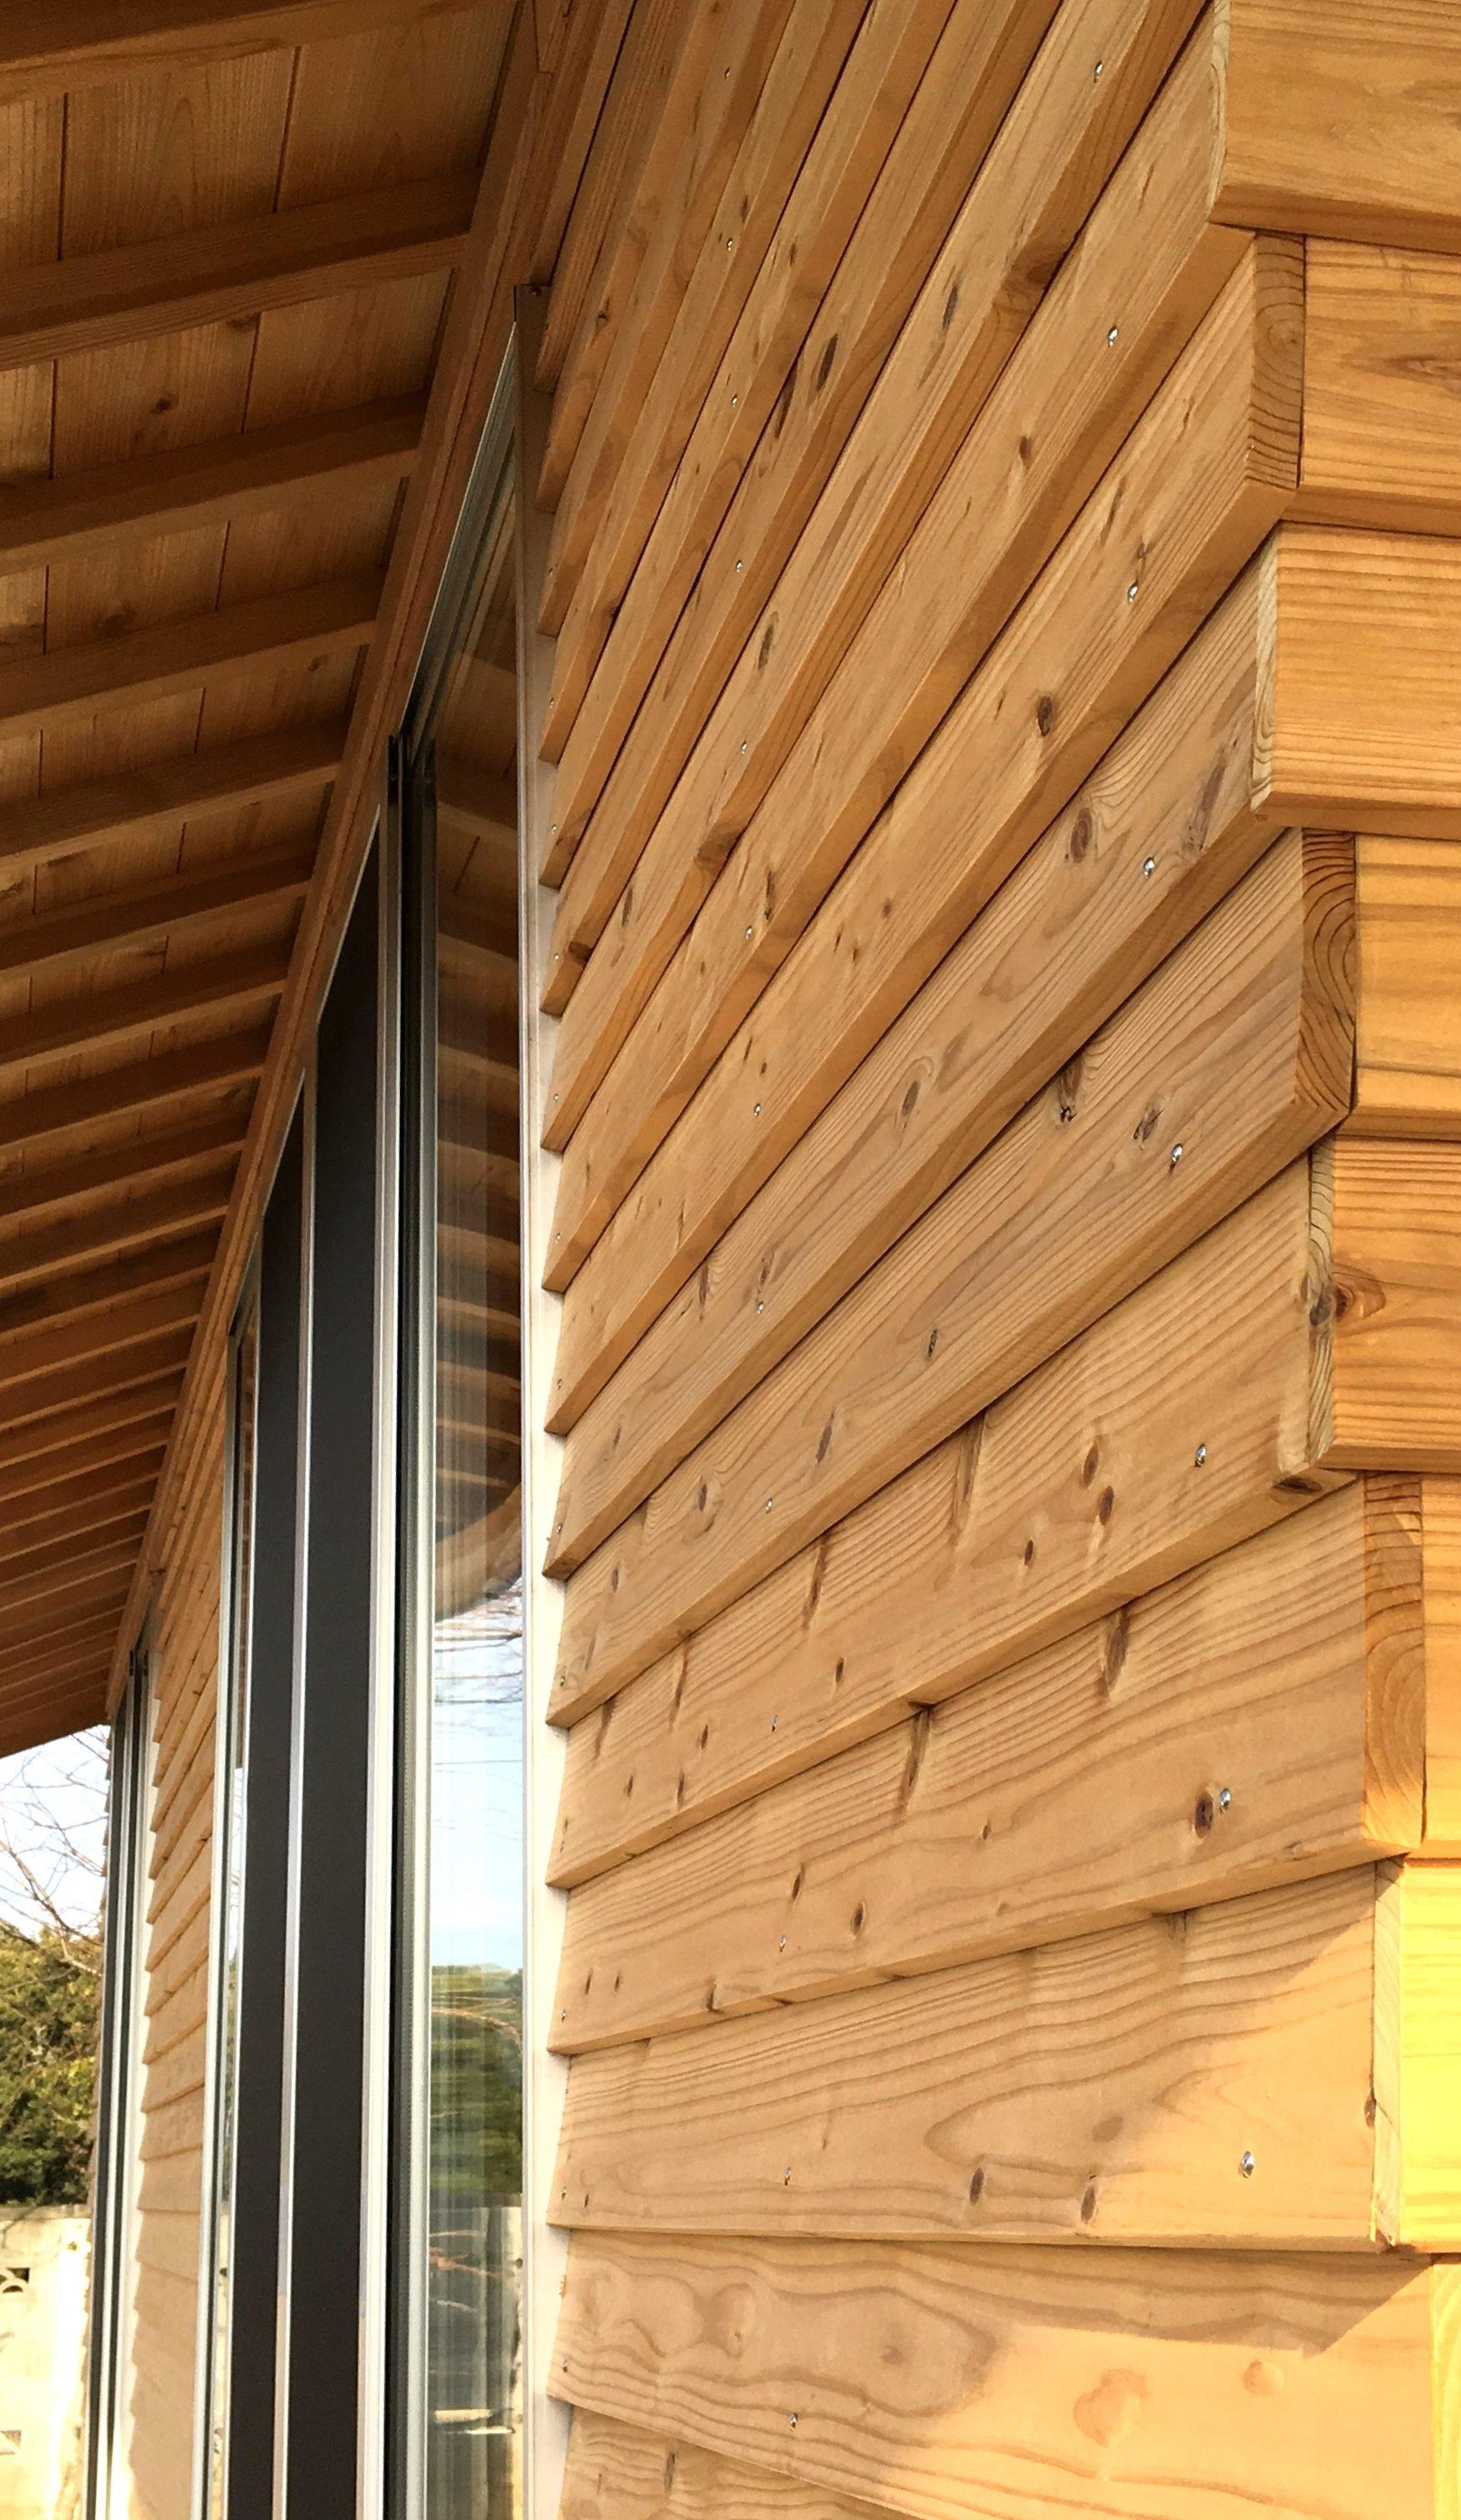 東金市 新築注文住宅 国産材山武杉を使用した本格派の家